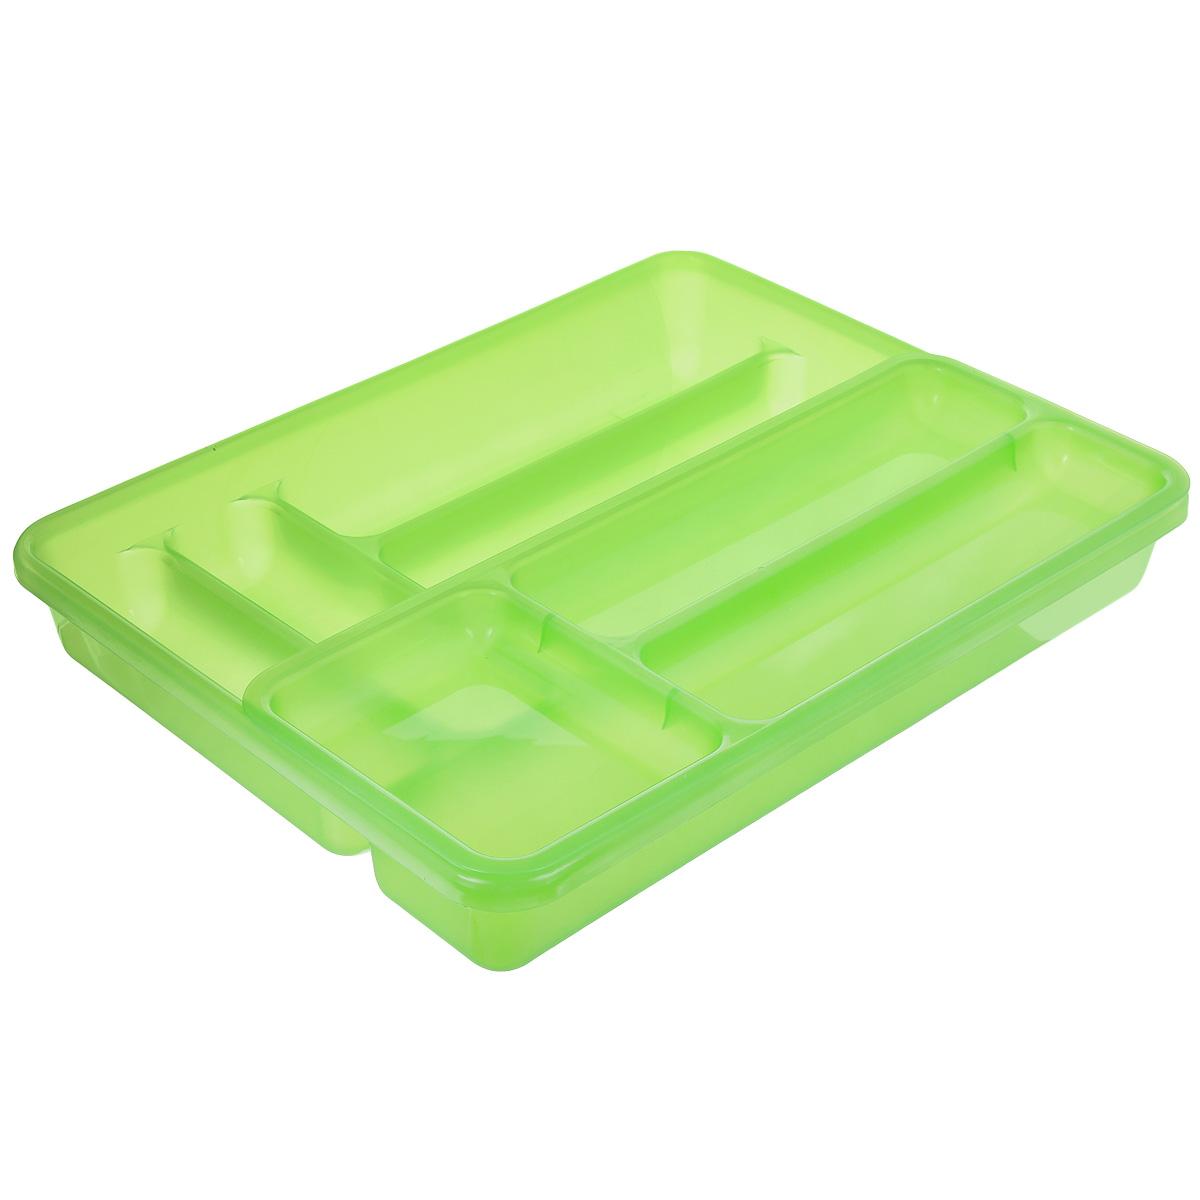 Лоток для столовых приборов Cosmoplast, двойной, цвет: зеленый, 40 х 30 см2143_зеленыйЛоток для столовых приборов Cosmoplast изготовлен из пластика. Изделие имеет 3 одинаковых секции для столовых ложек, вилок и ножей, 2 секции для чайных ложек и других мелких столовых приборов и длинную секцию для различных кухонных принадлежностей. Лоток оснащен съемным отделением с 3 дополнительными секциями. Помещается в любой кухонный ящик.